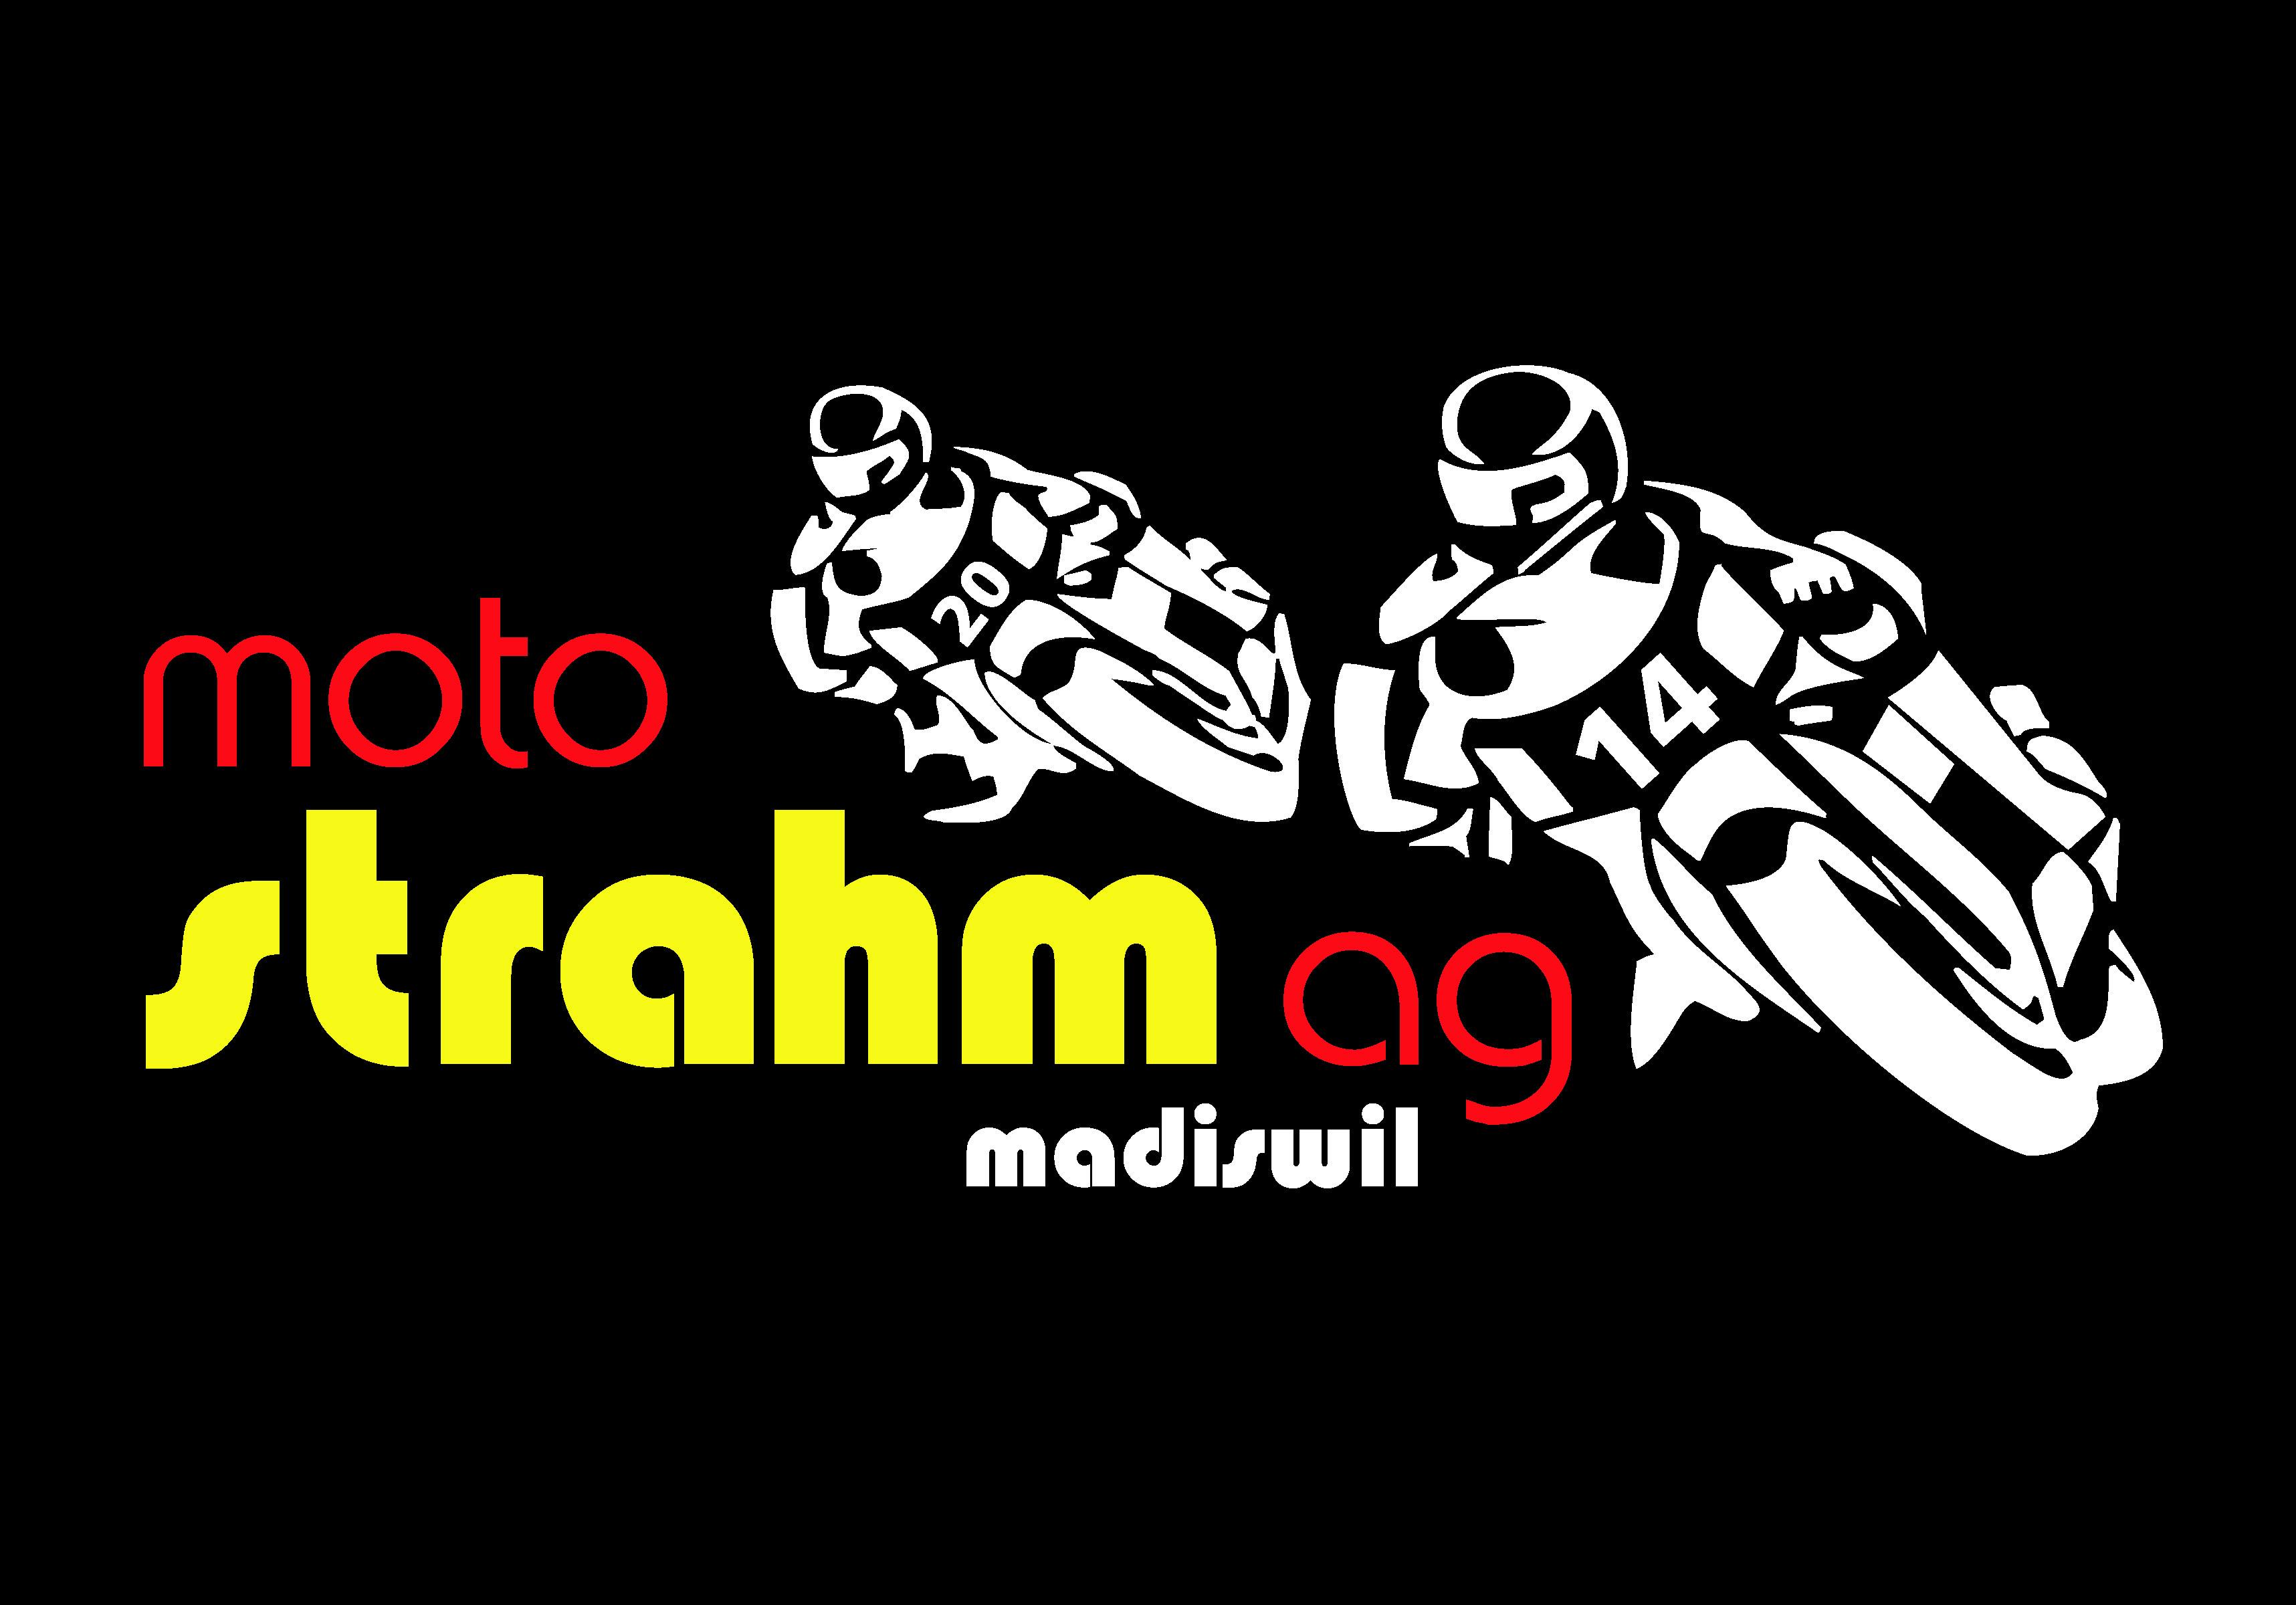 Moto Strahm AG